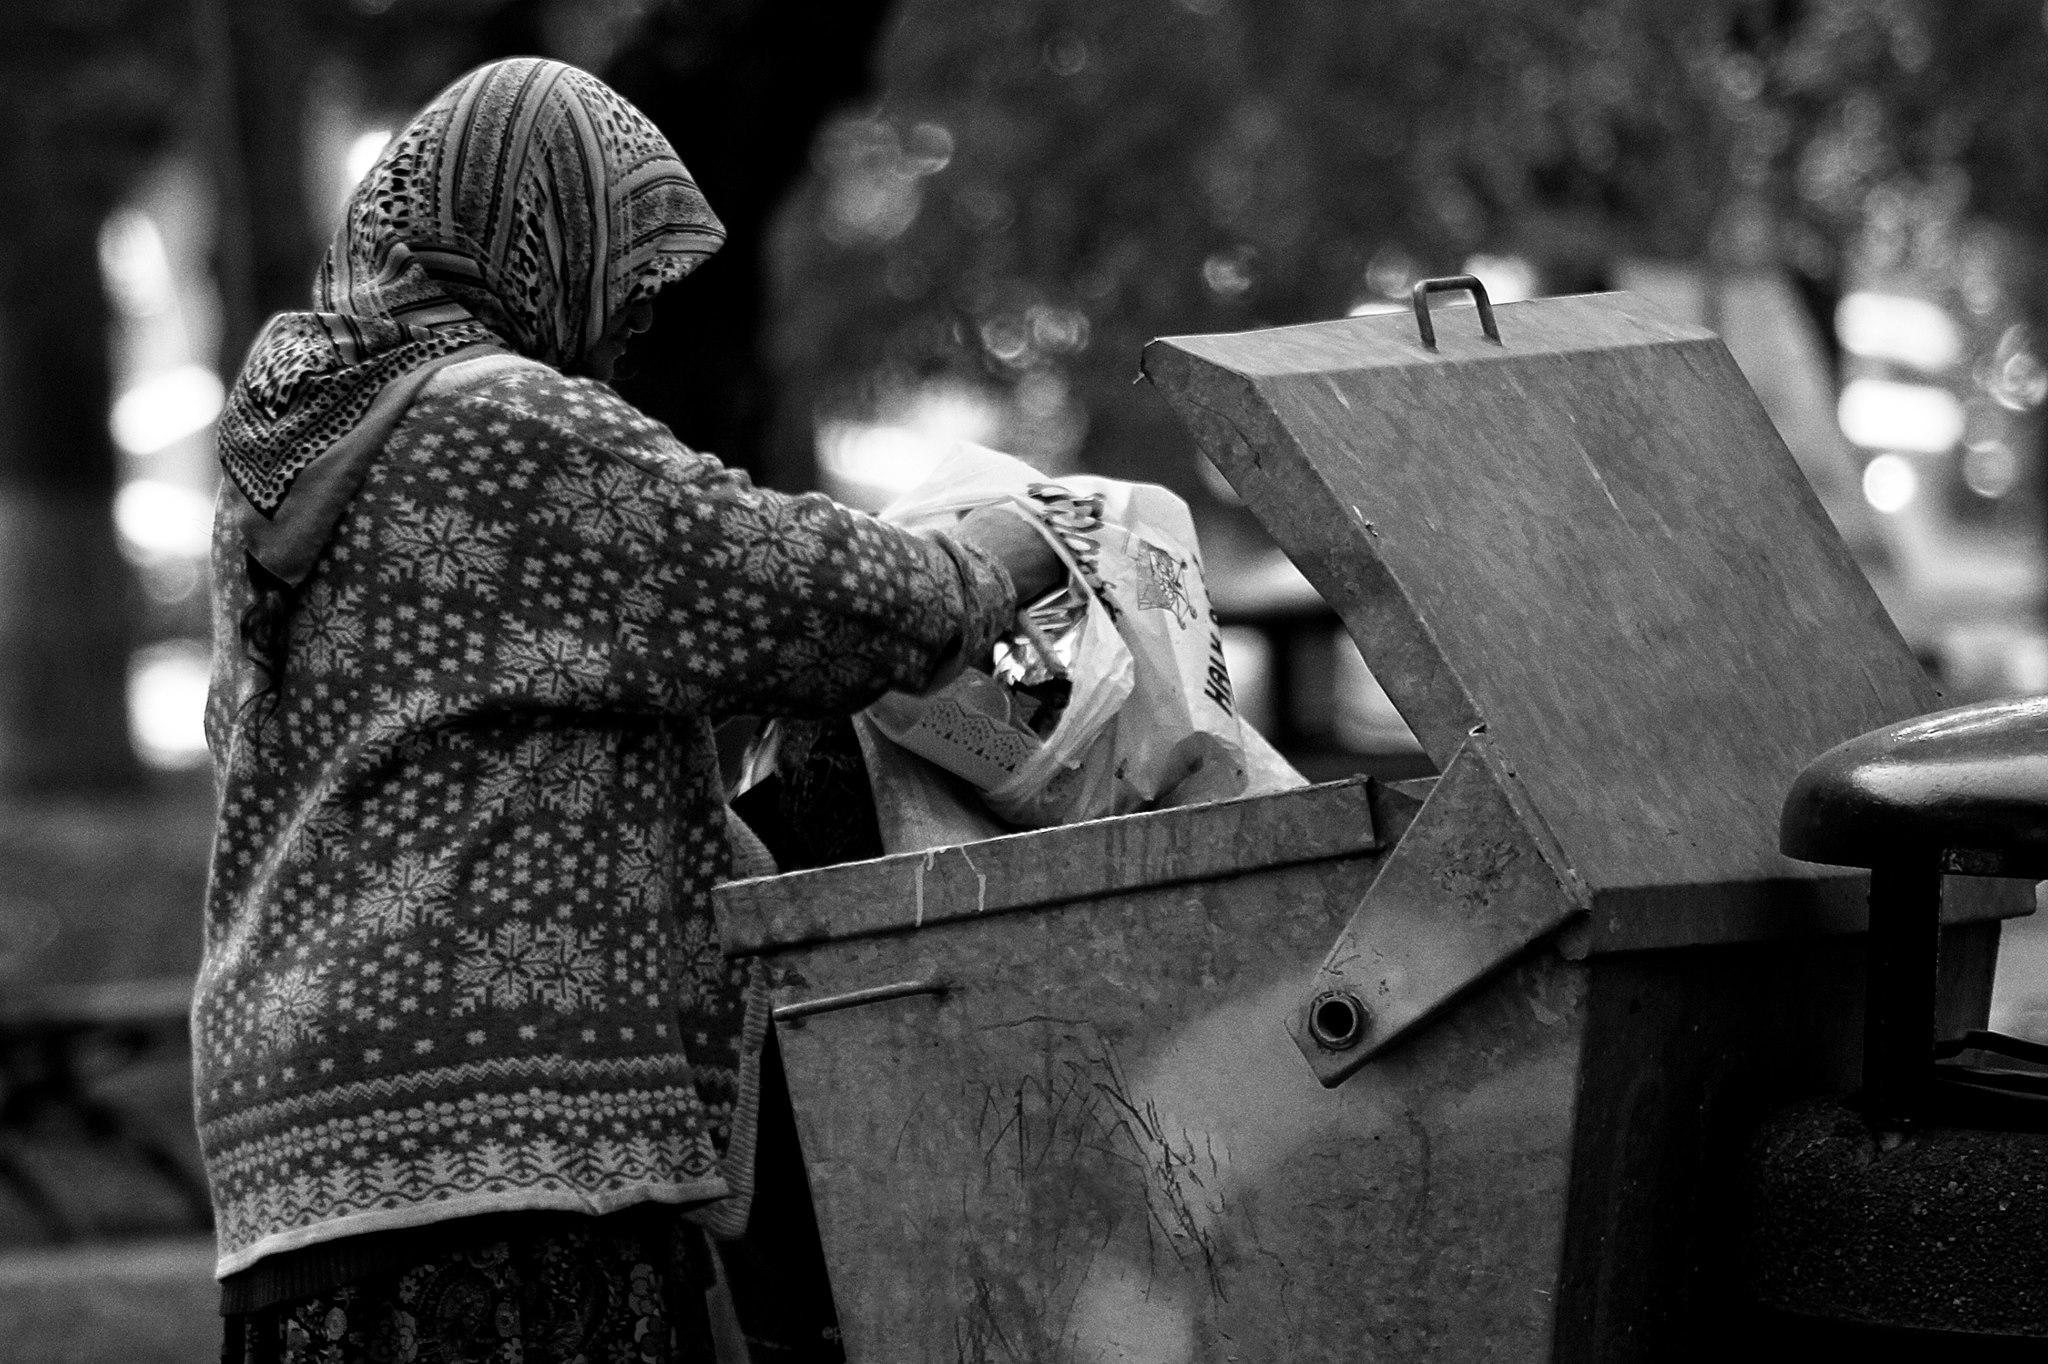 Yoksullaşmaya devam ediyoruz